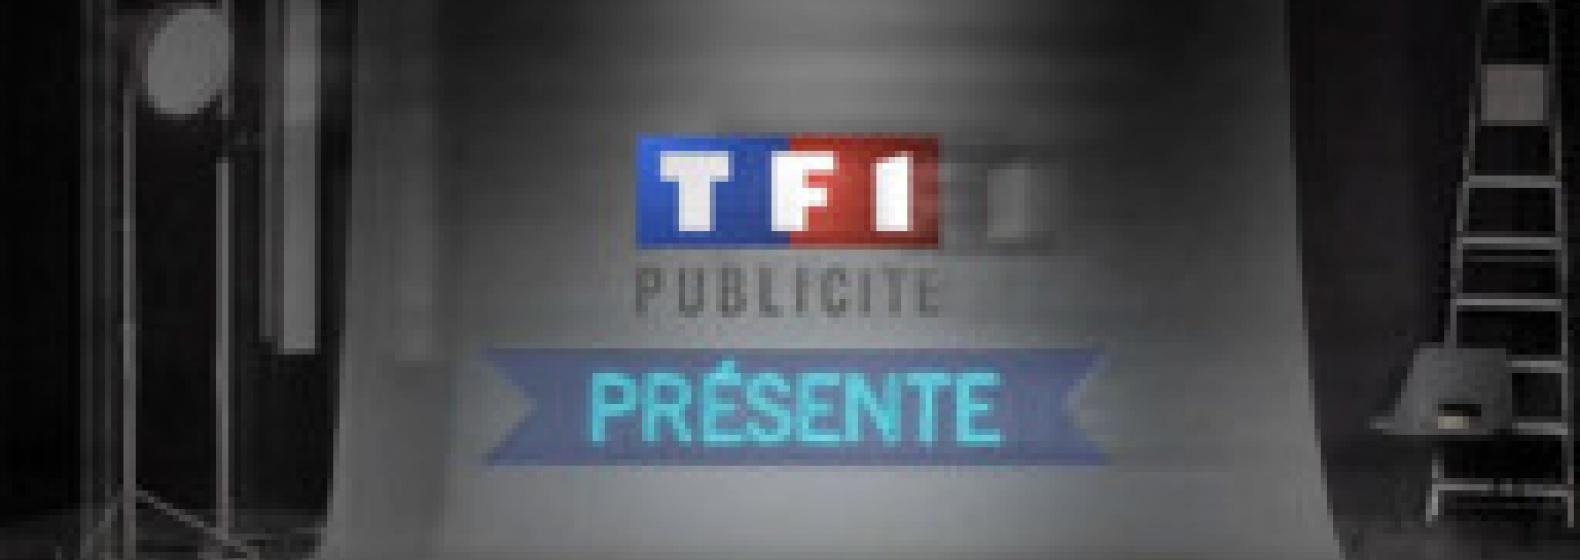 campus tf1 contenus generique d'ouverture